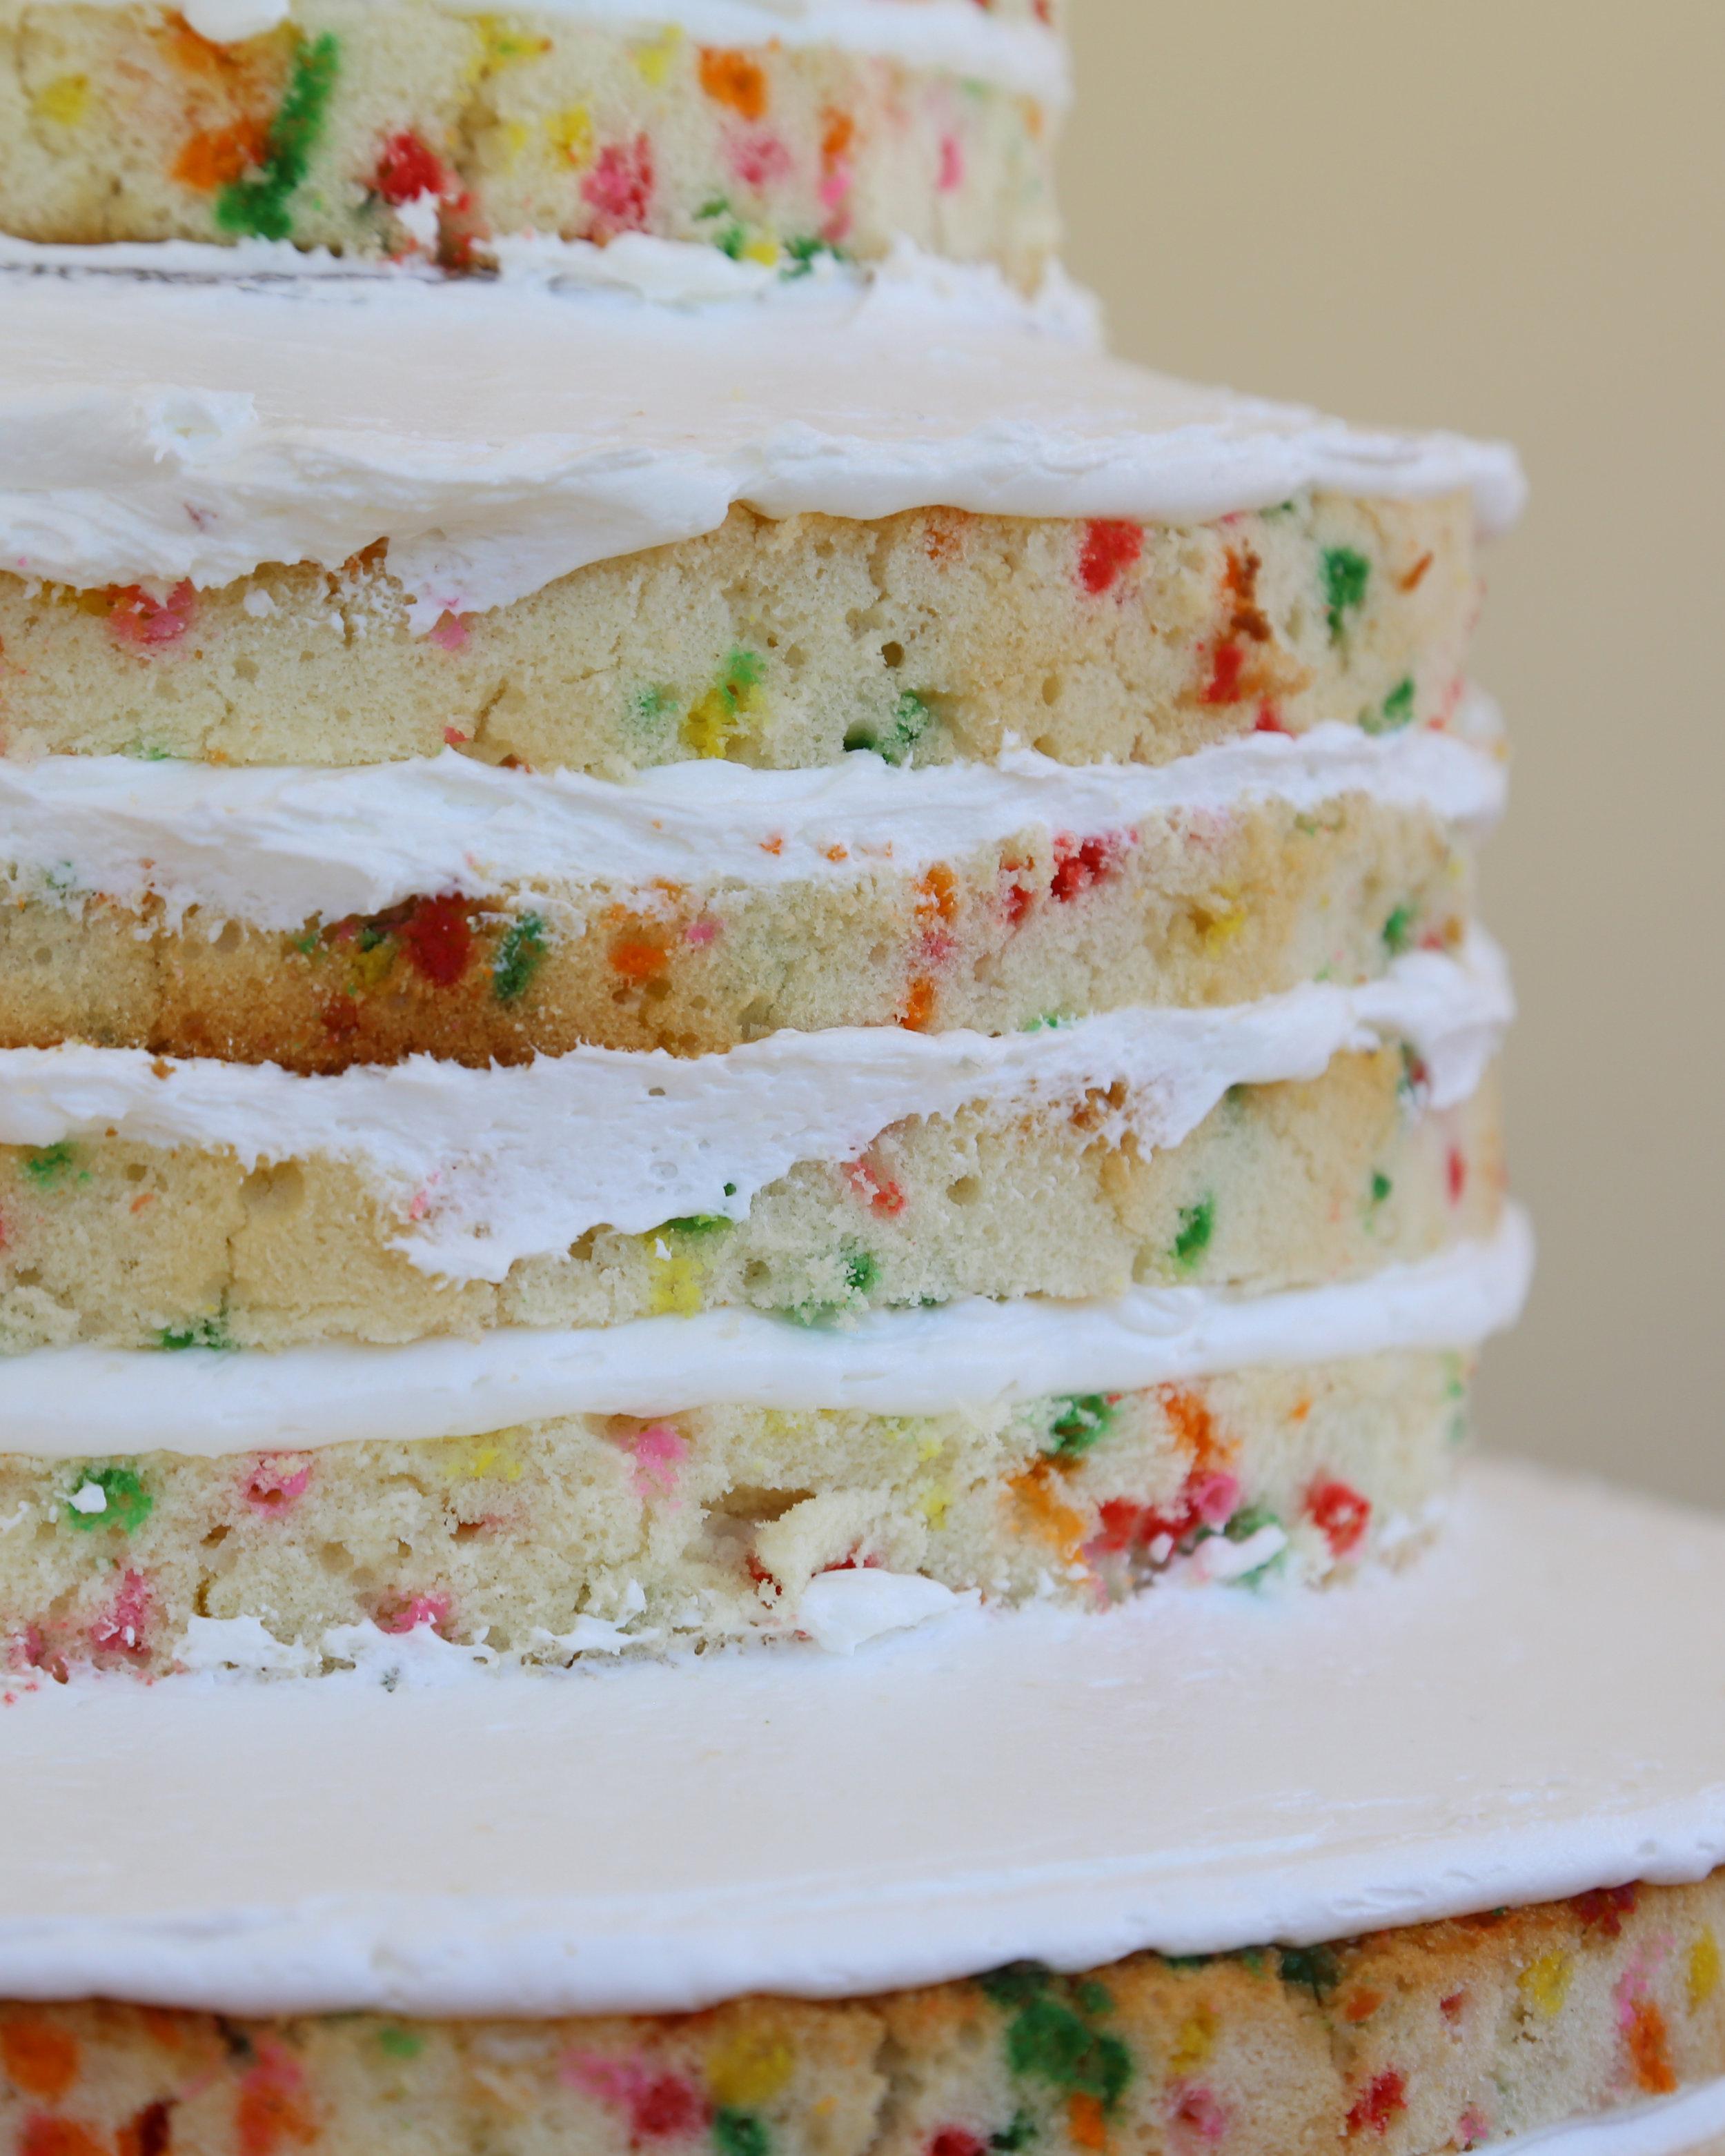 Wedding Cake Detail #1